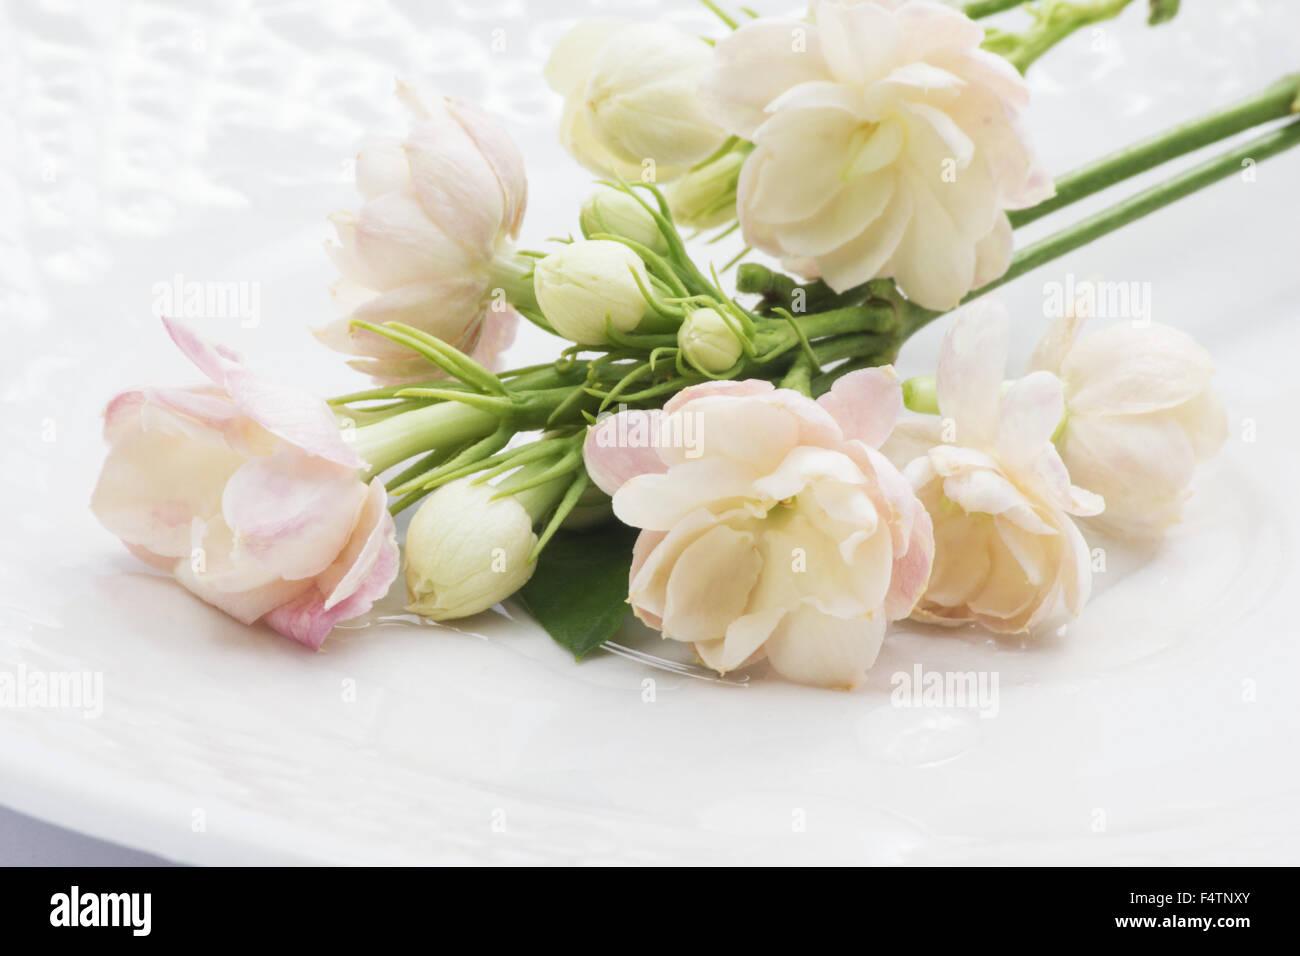 Jasmine flowers arabian jasmine jasminum sambac on a white plate jasmine flowers arabian jasmine jasminum sambac on a white plate izmirmasajfo